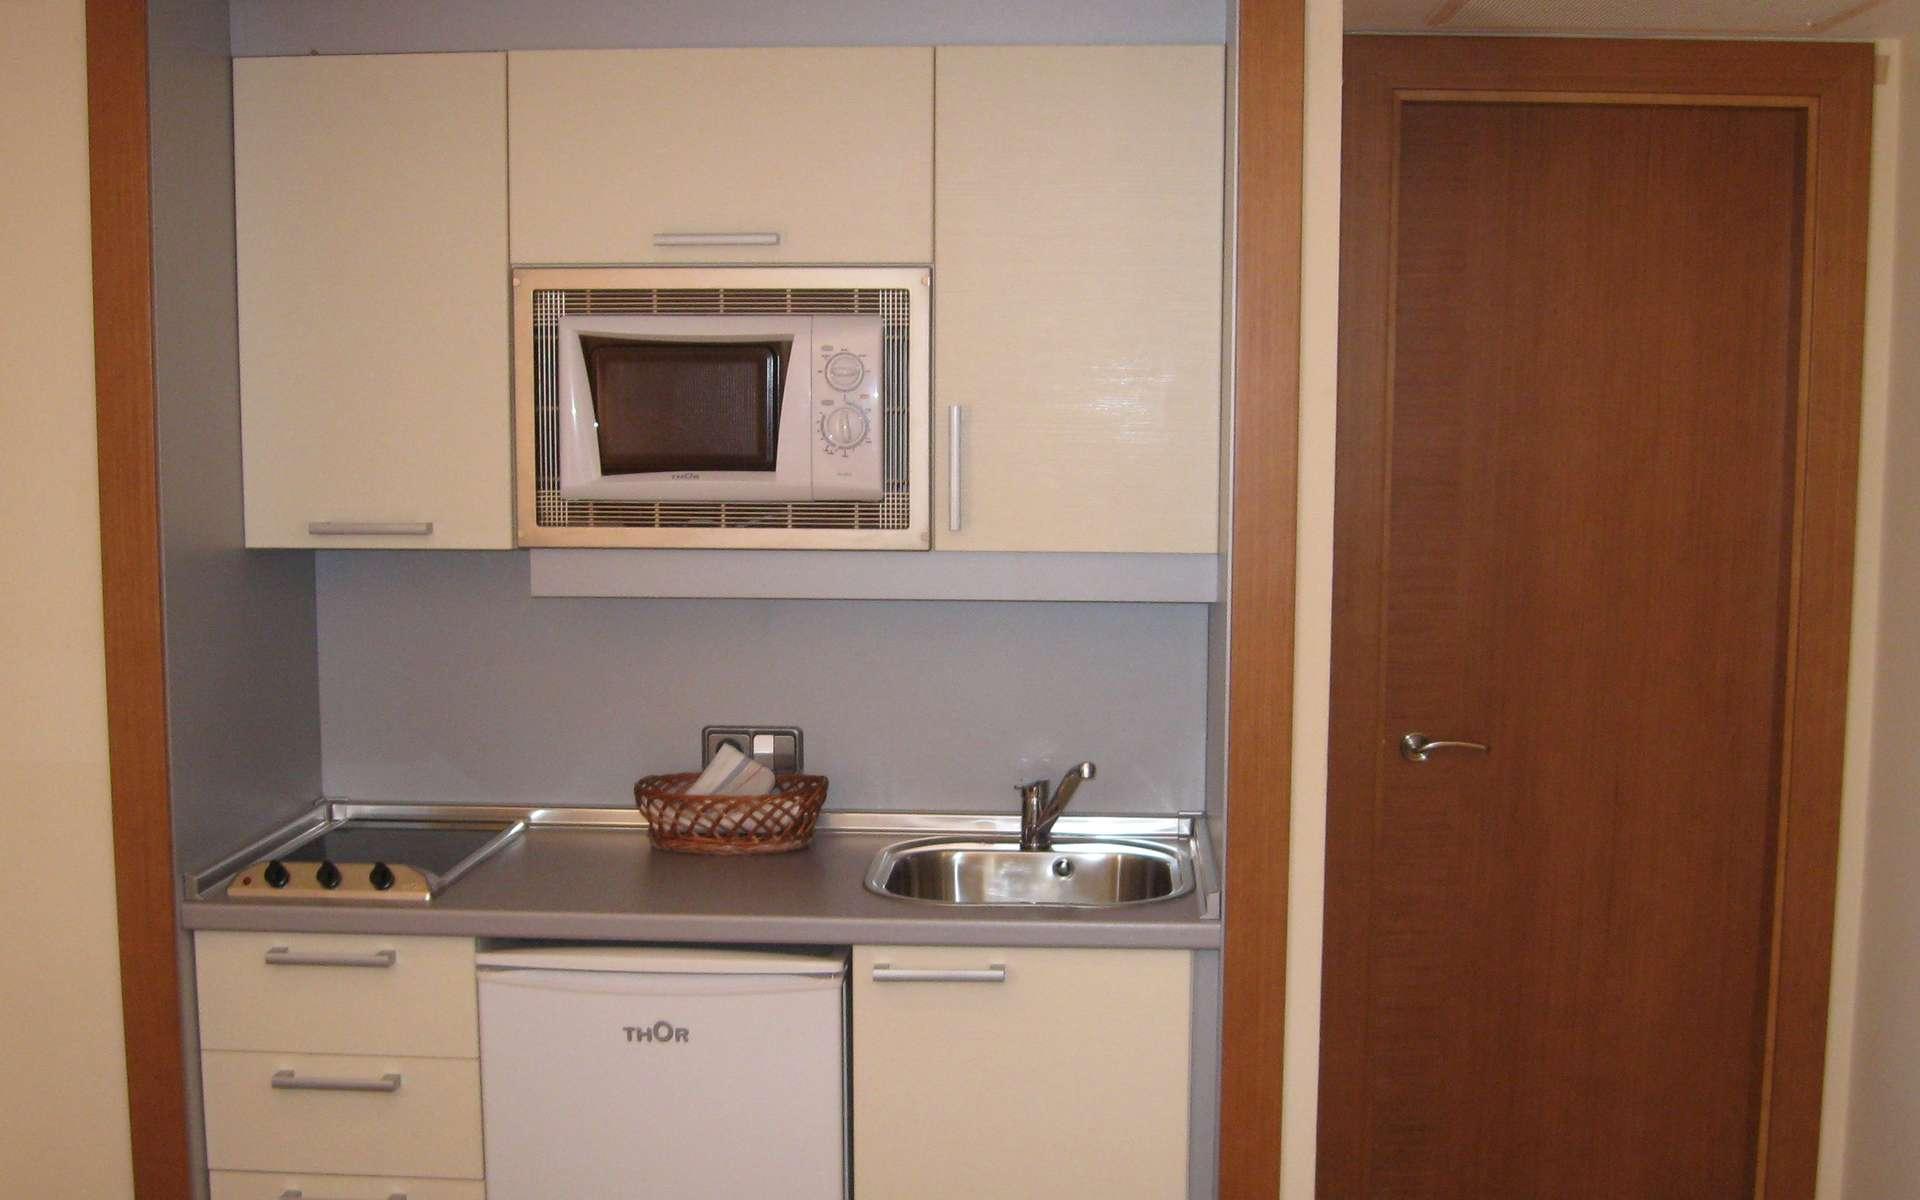 Une kitchenette est une petite cuisine aménagée dans un espace limité. © Batle Group, CC BY-SA 2.0, Flickr